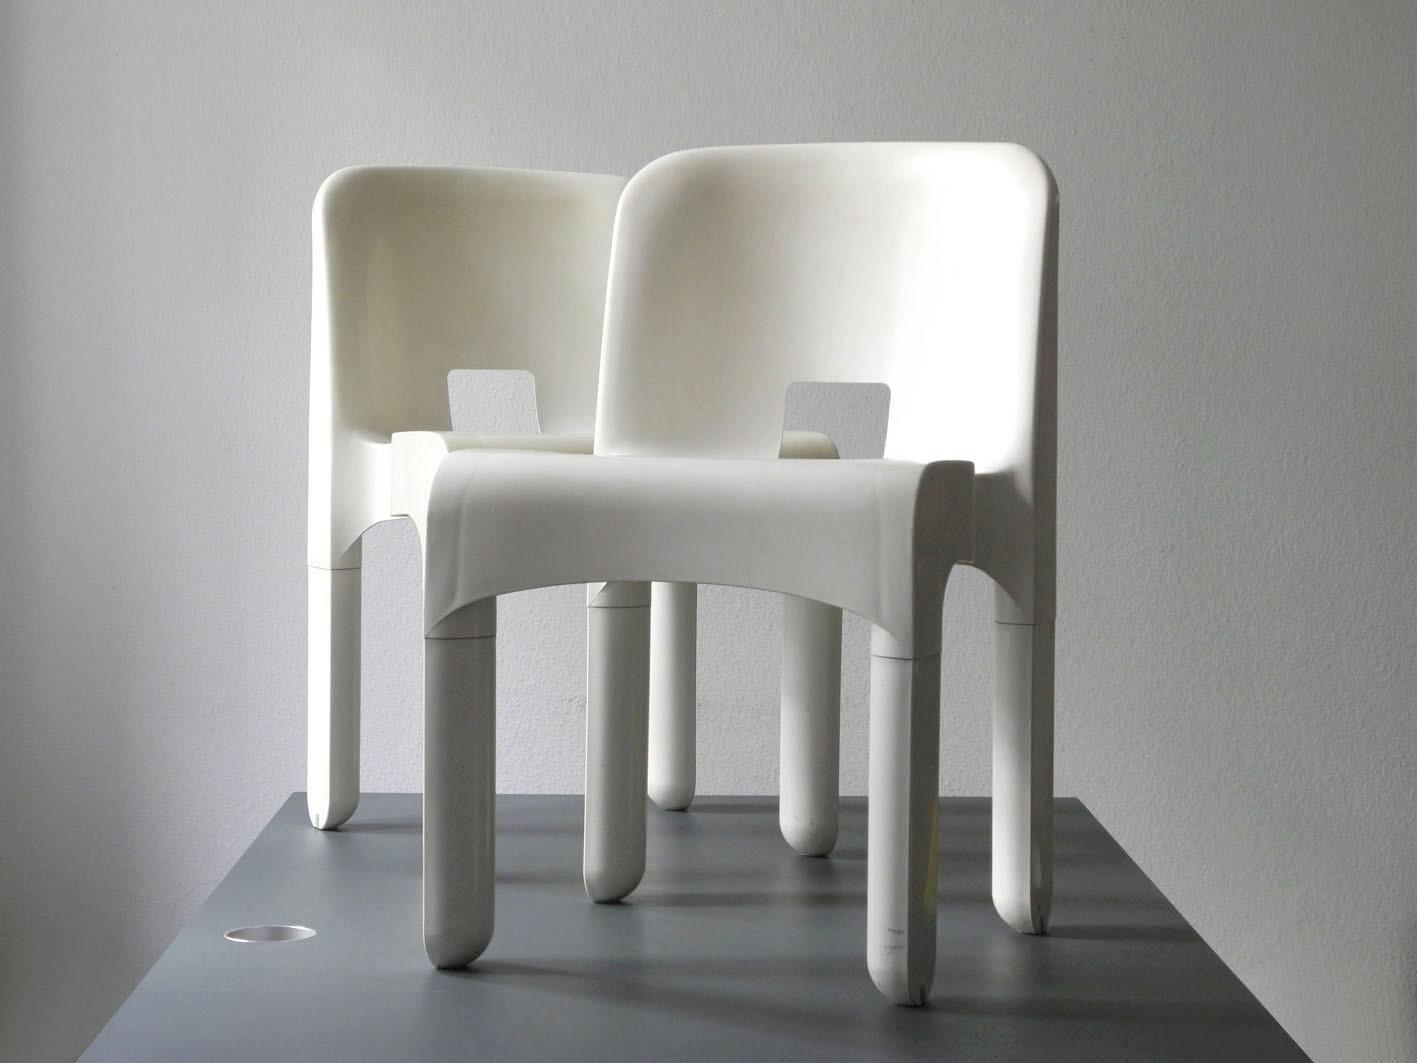 Zwei Original Weisse Joe Colombo 4867 Stühle Von Kartell